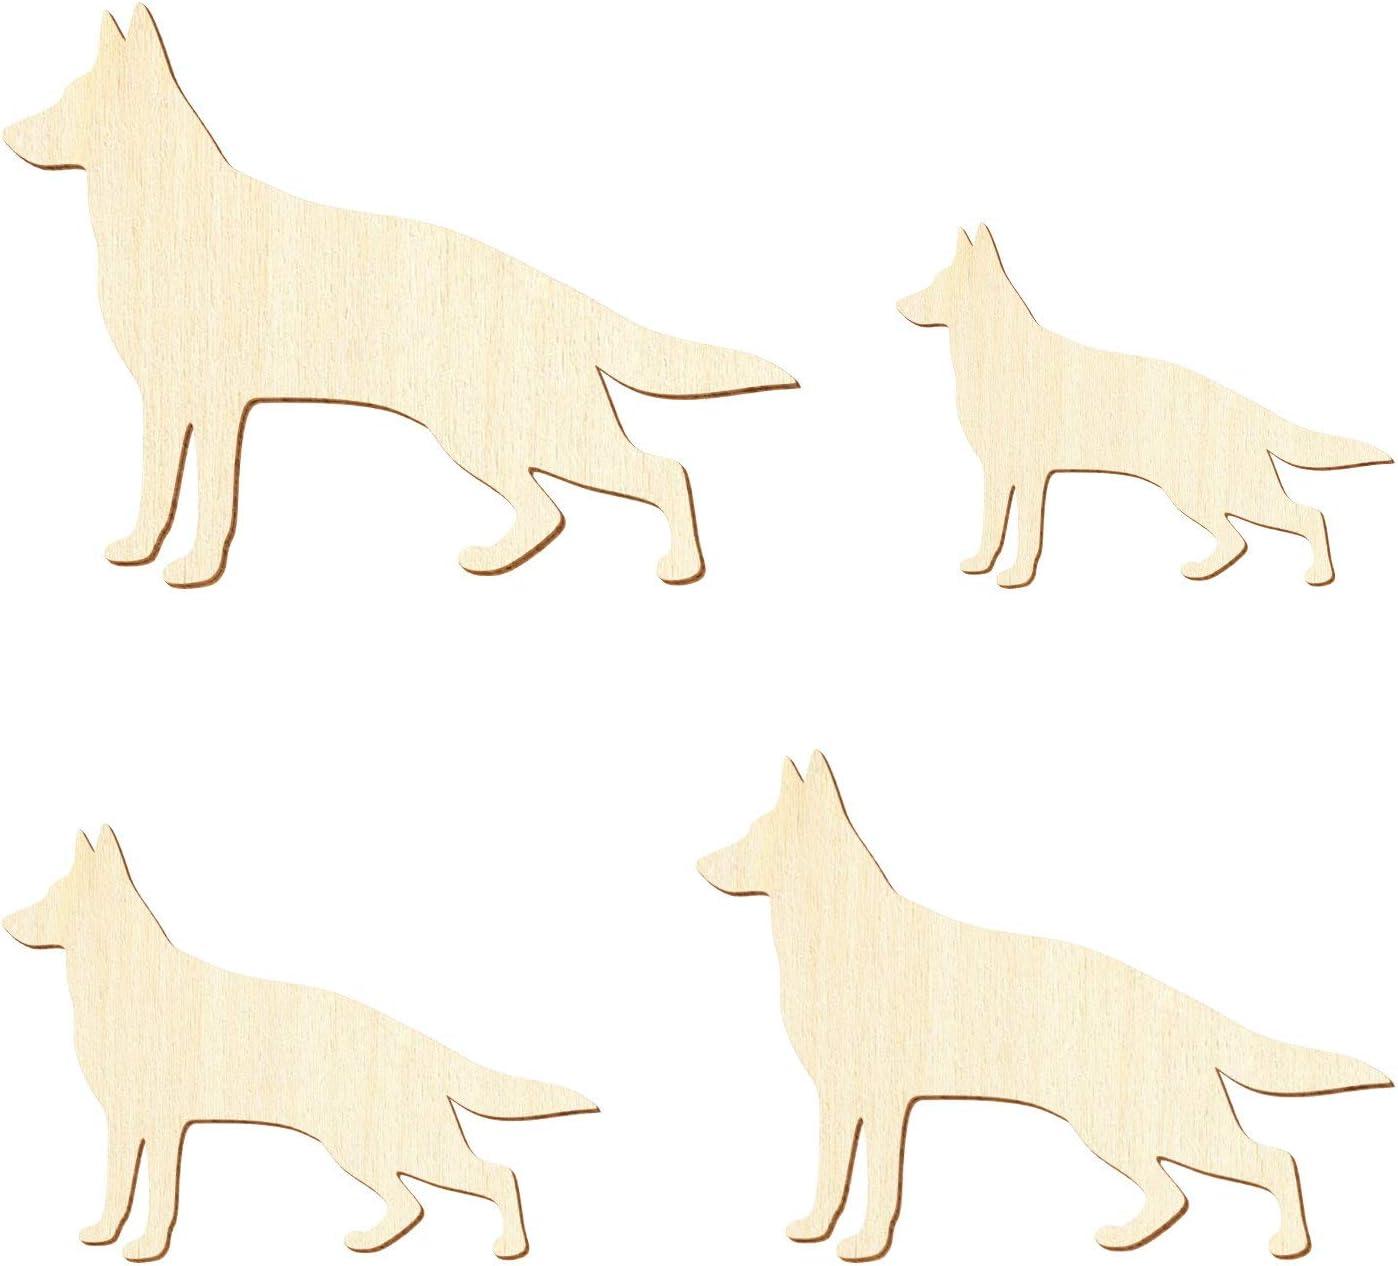 Deko Basteln 3-50cm Gr/ö/ße:3cm Deutscher Holz Sch/äferhund Pack mit:1 St/ück